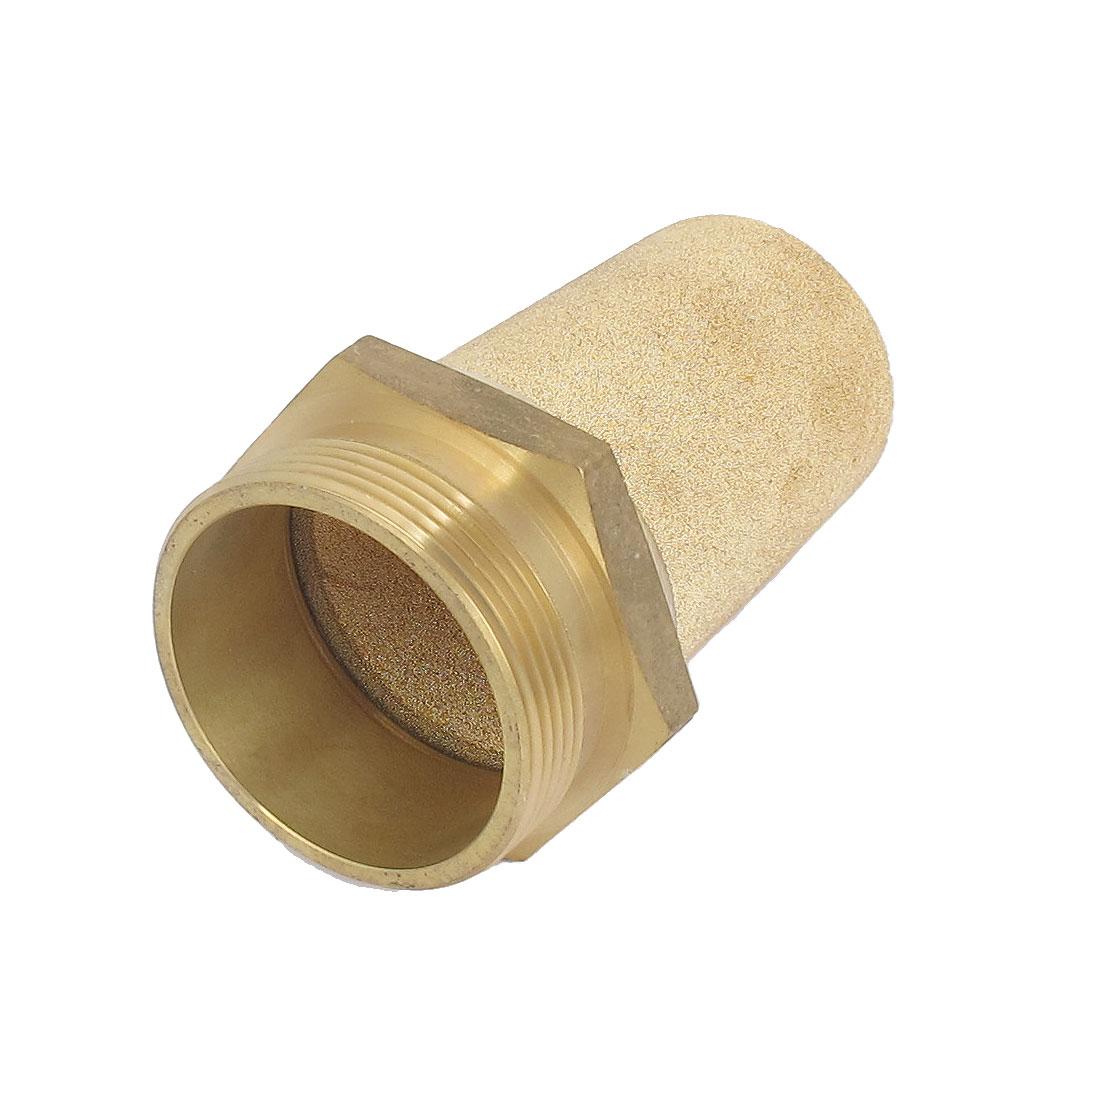 2BSP Thread Brass Pneumatic Flow Control Air Exhaust Noise Filter Silencer Muffler